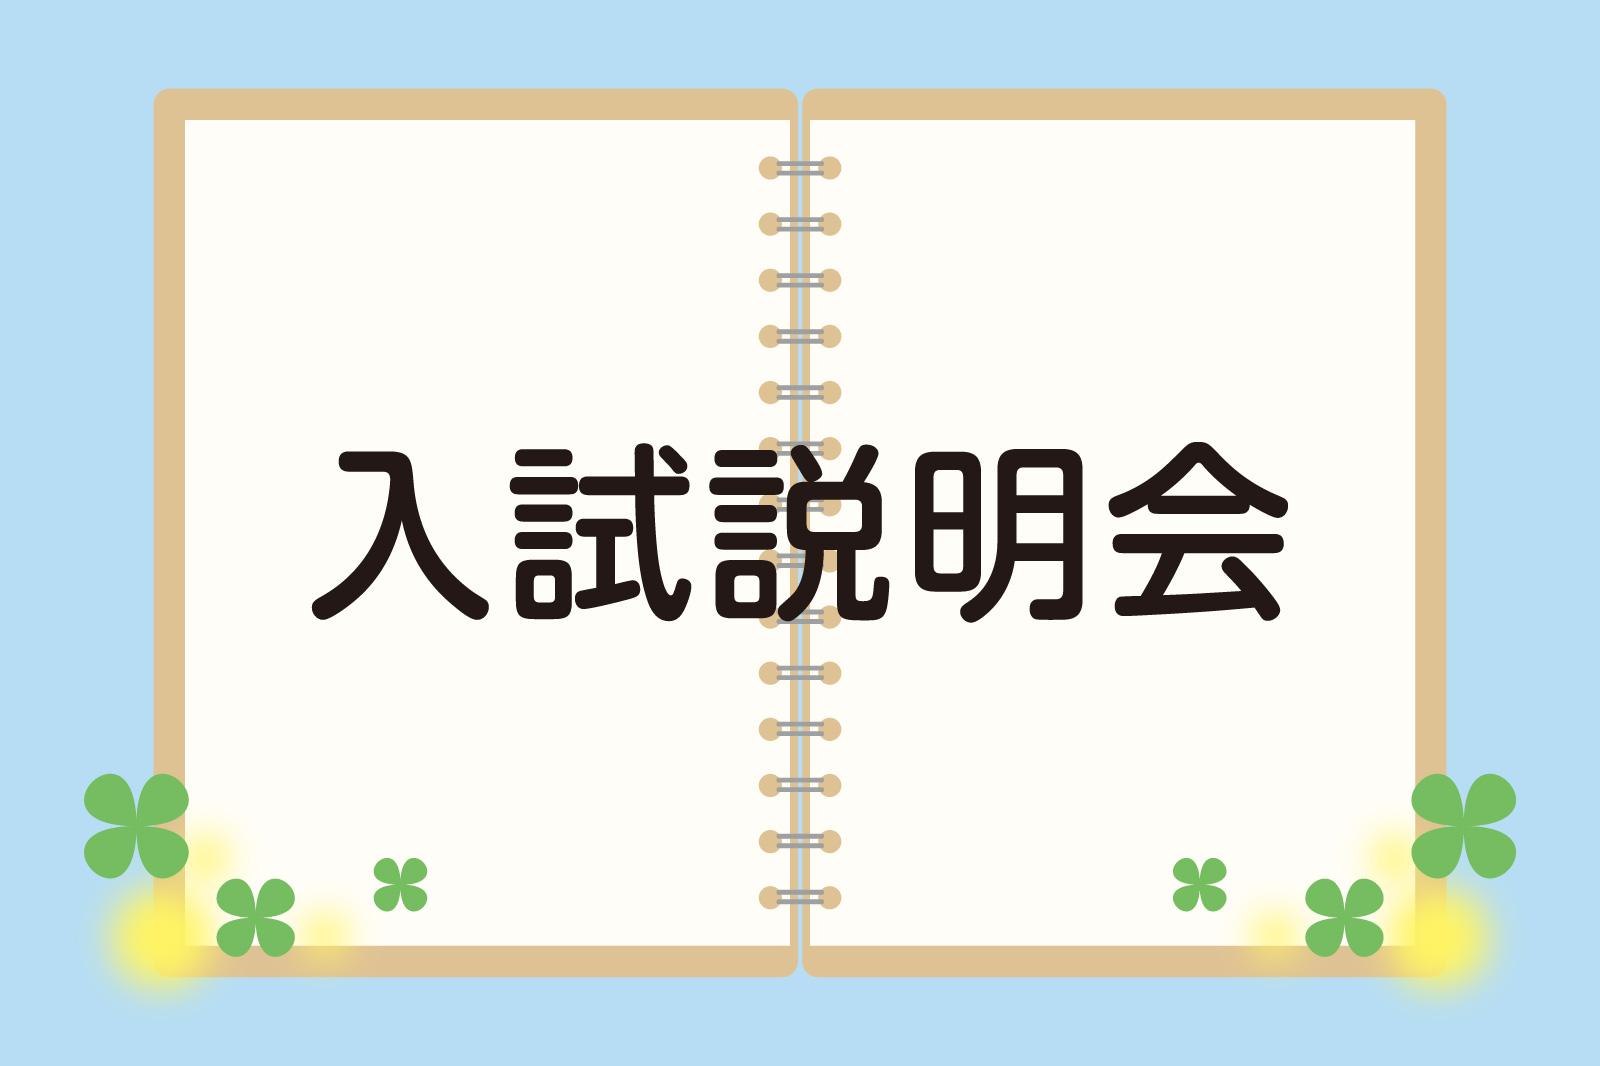 小1入試説明会&入試体験・・・小林聖心女子学院小学校 7/3